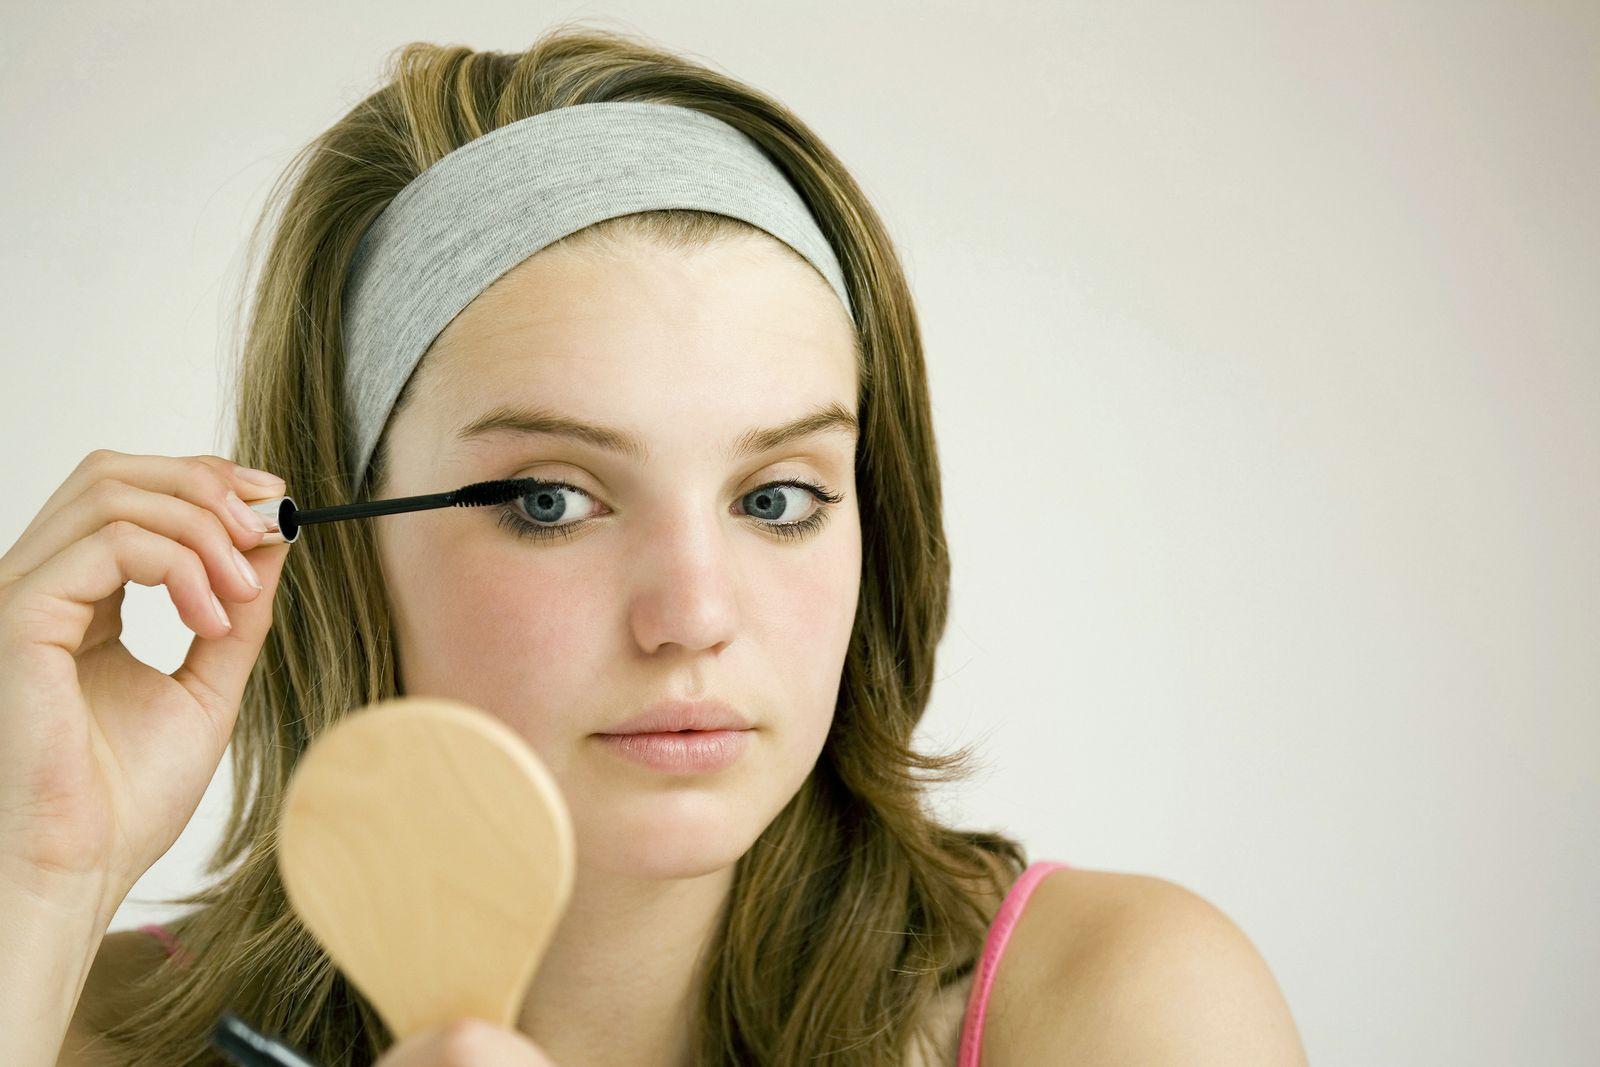 NICHT MEHR VERWENDEN! - Mädchen/ Make Up/ Schminken